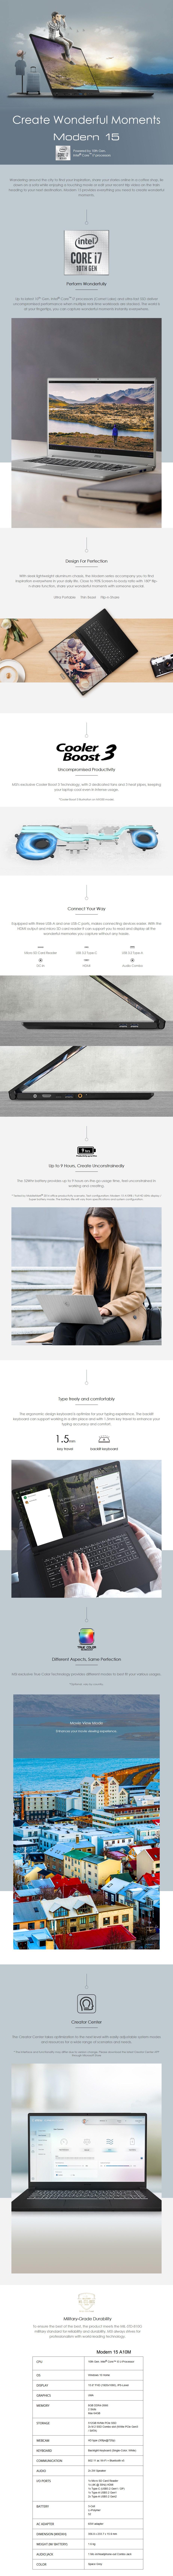 msi-modern-15-a10m-156-laptop-i510520u-8gb-512gb-w10h-space-grey-ac33898-1.jpg